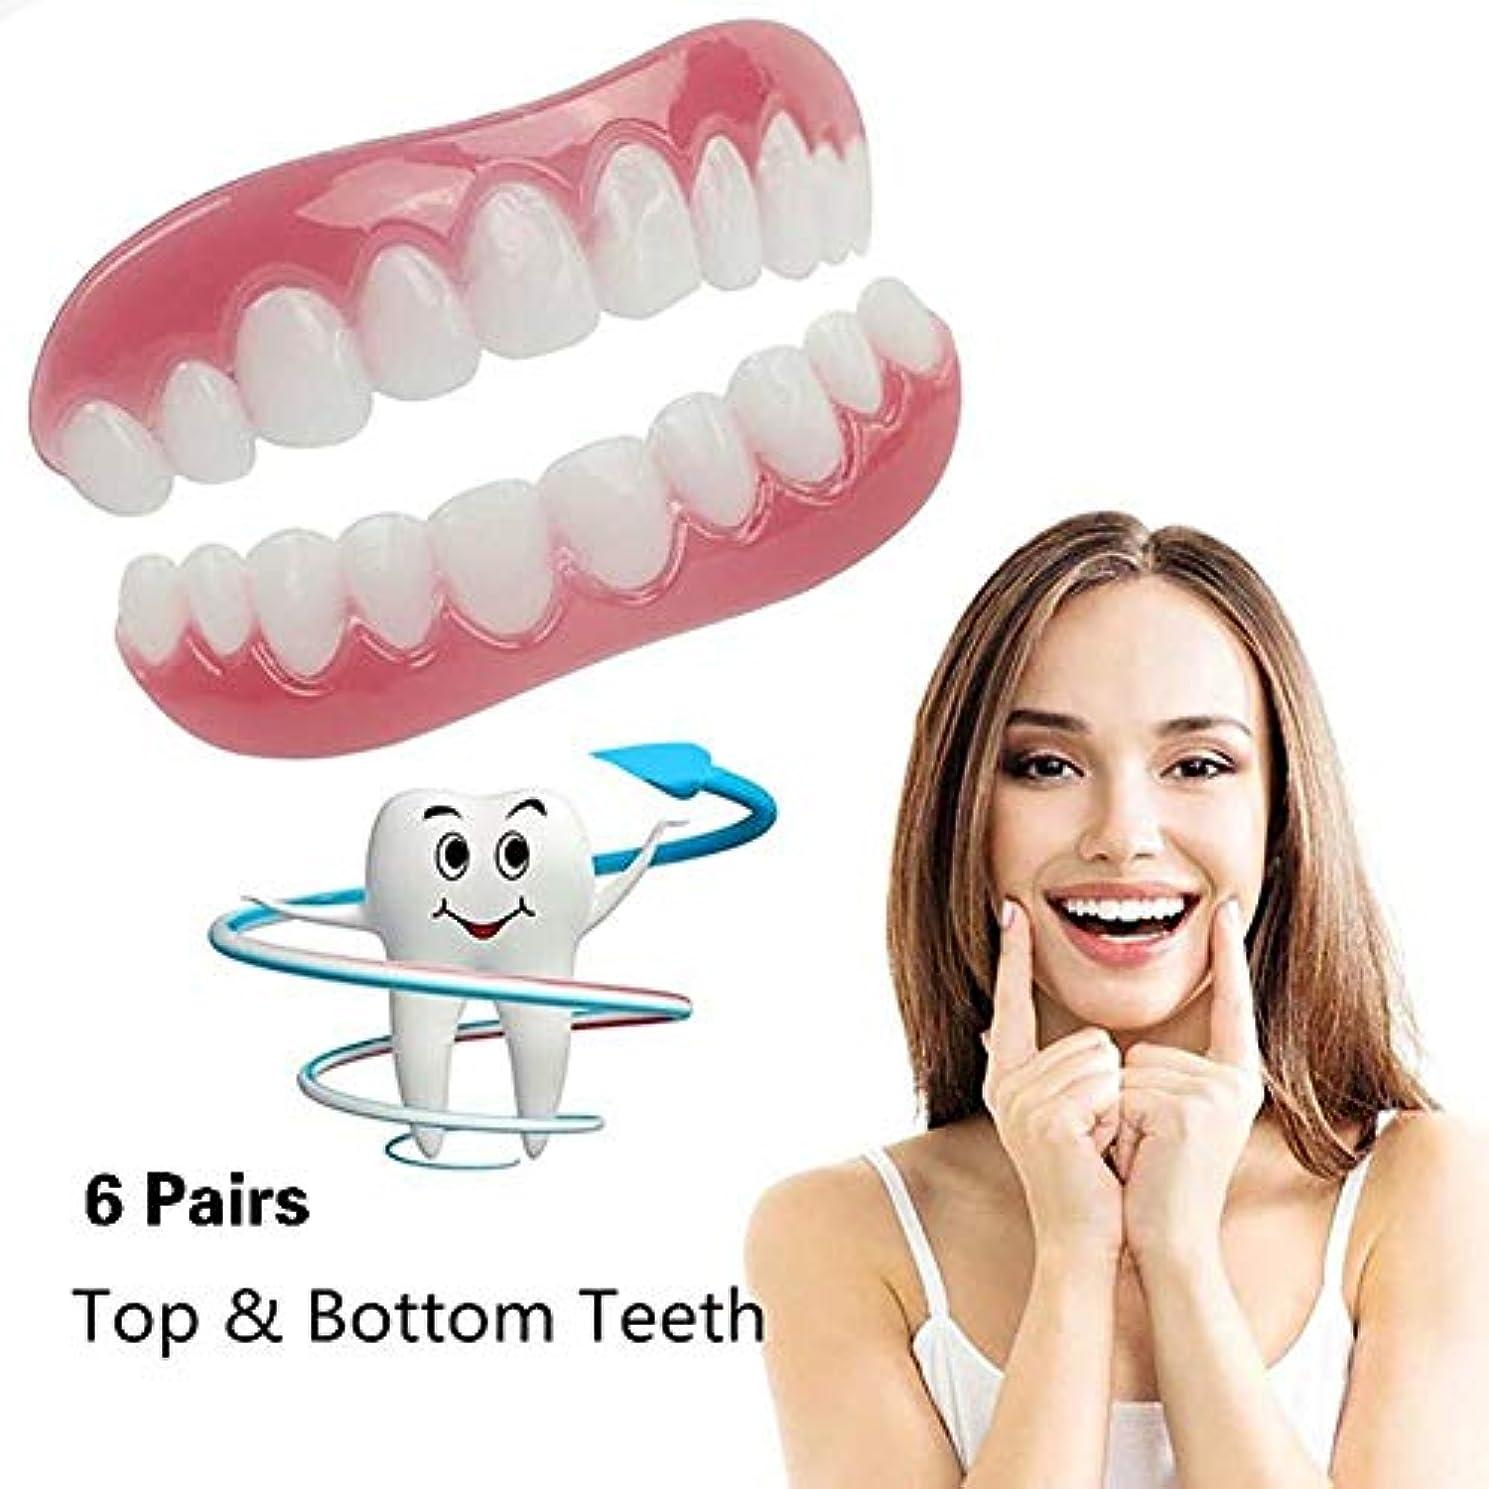 十分な掻く不安定スナップの完全な微笑の歯の偽の歯カバーを白くするシリコーンの歯のベニヤは上部の1つのサイズのための化粧品の義歯の心配を合わせます